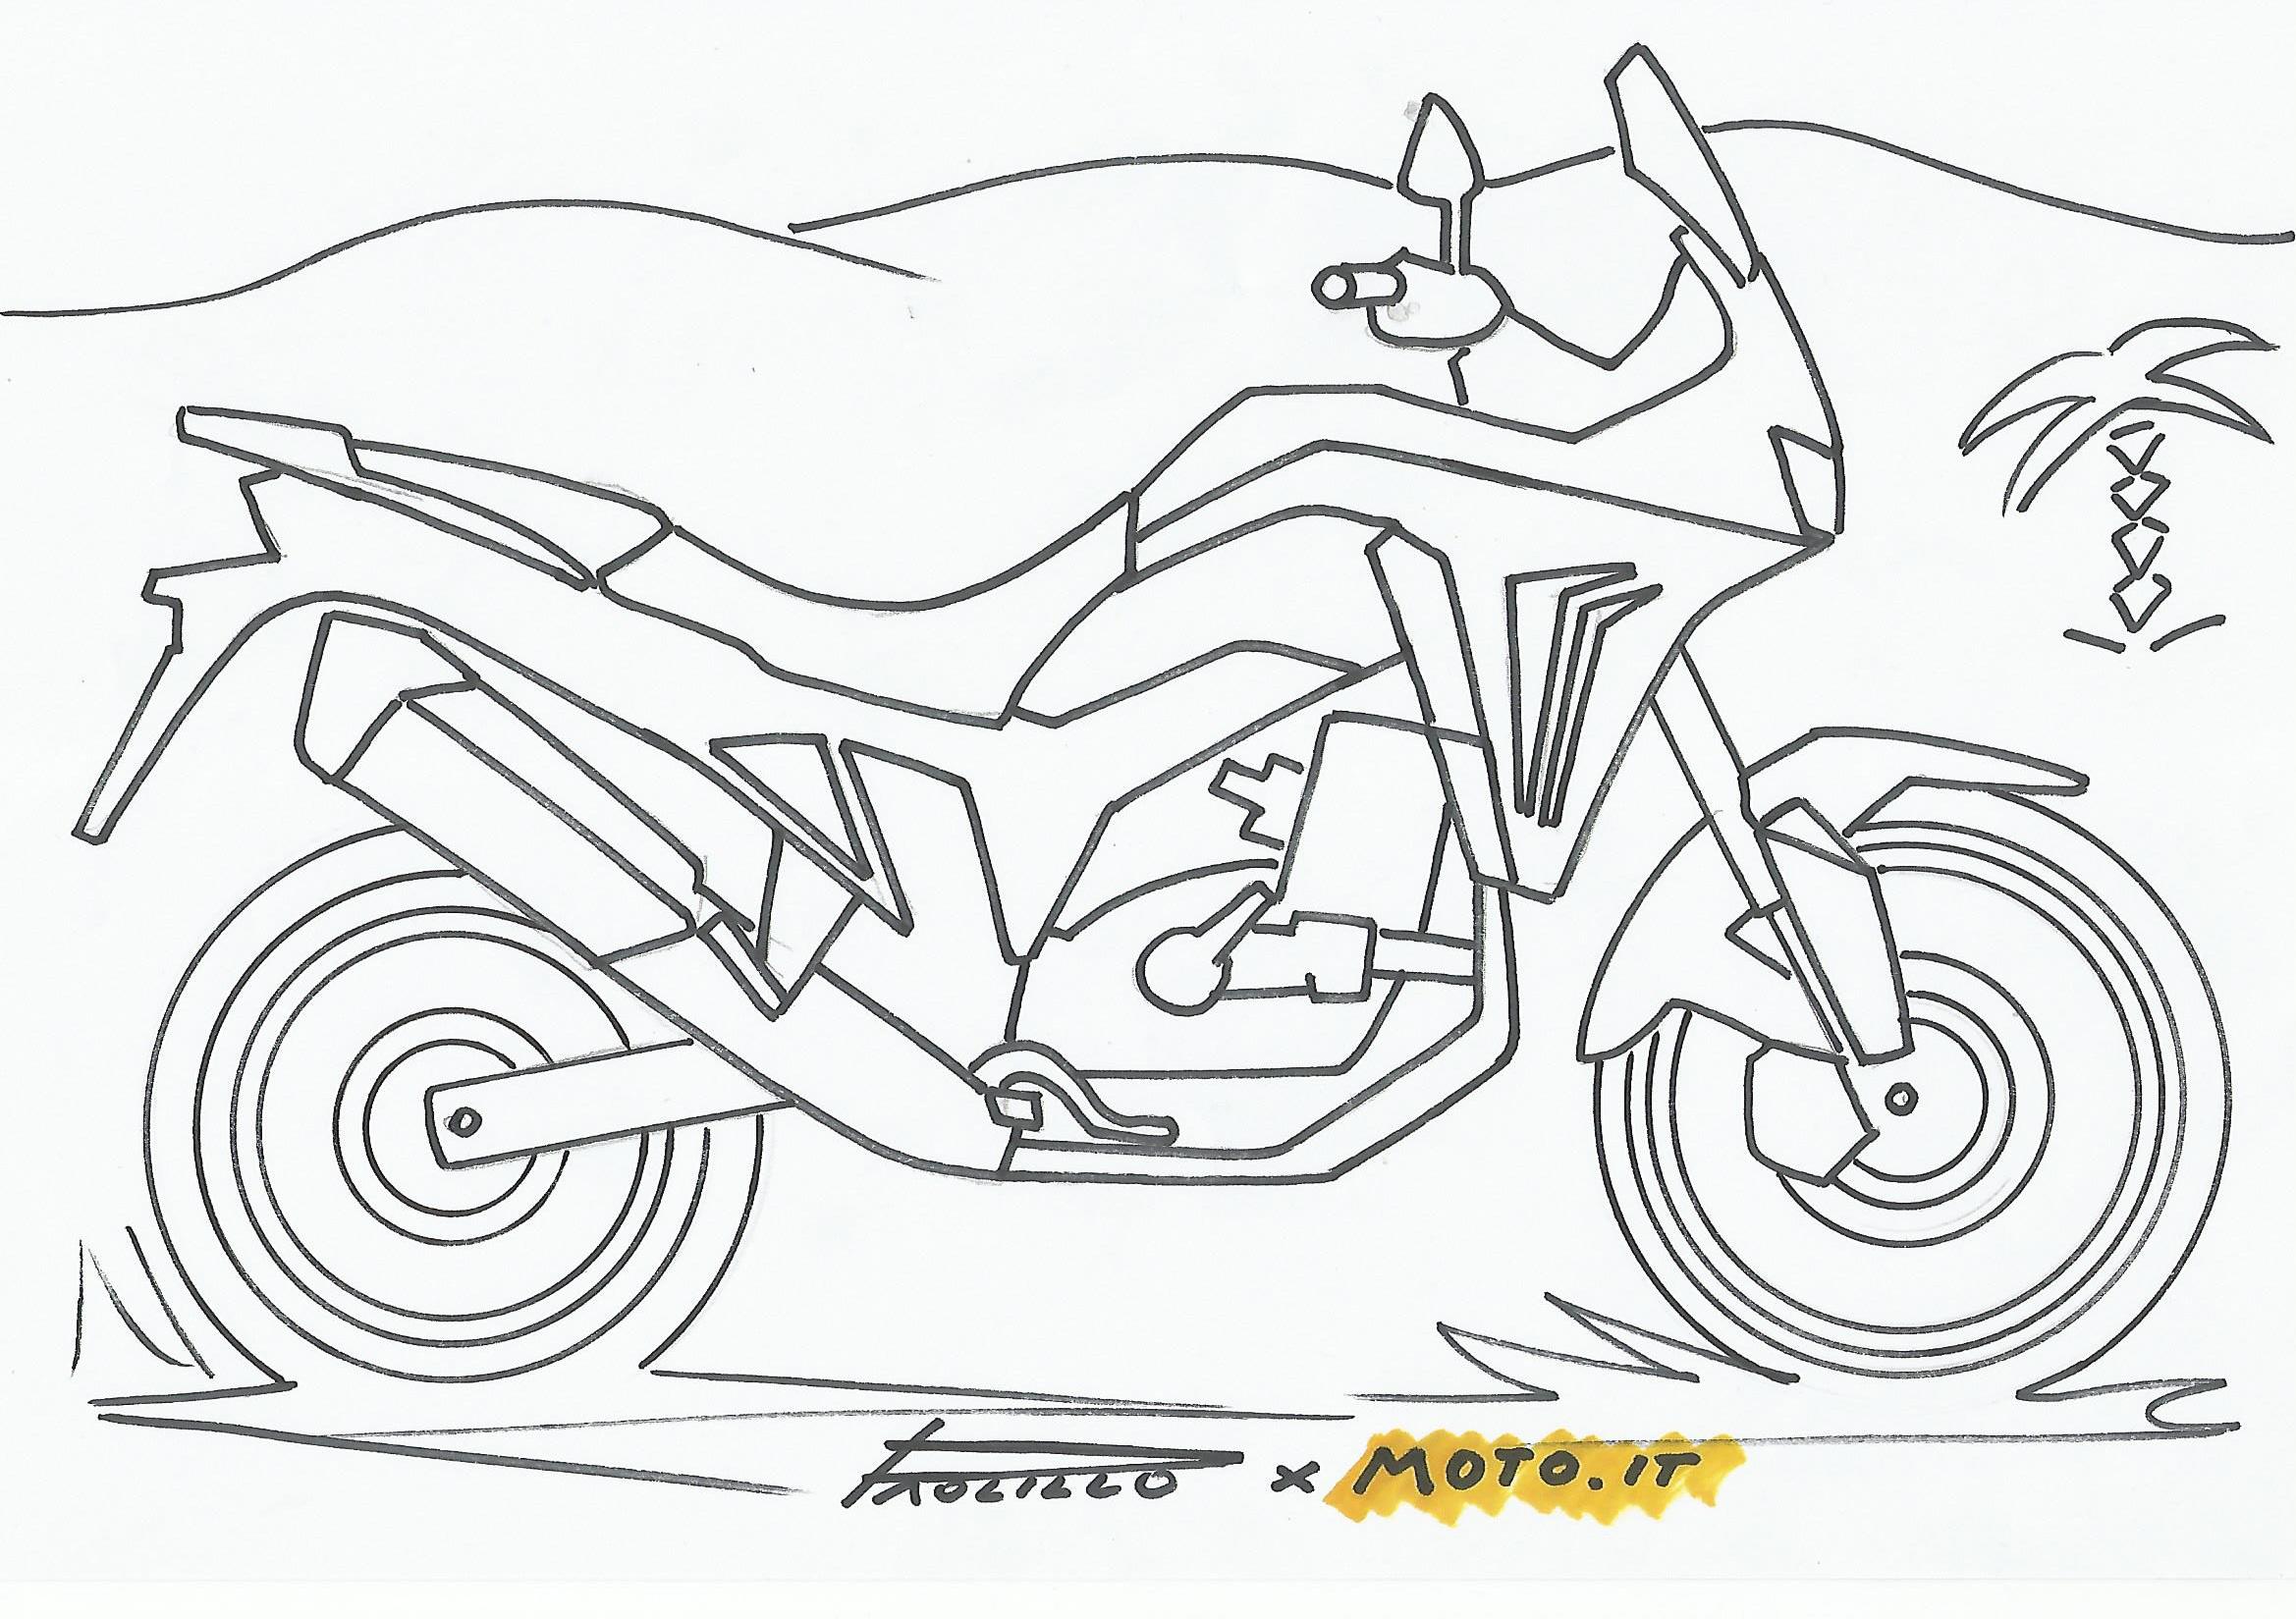 Coloralapassione Le Moto Da Stampare E Colorare Honda Africa Twin News Moto It